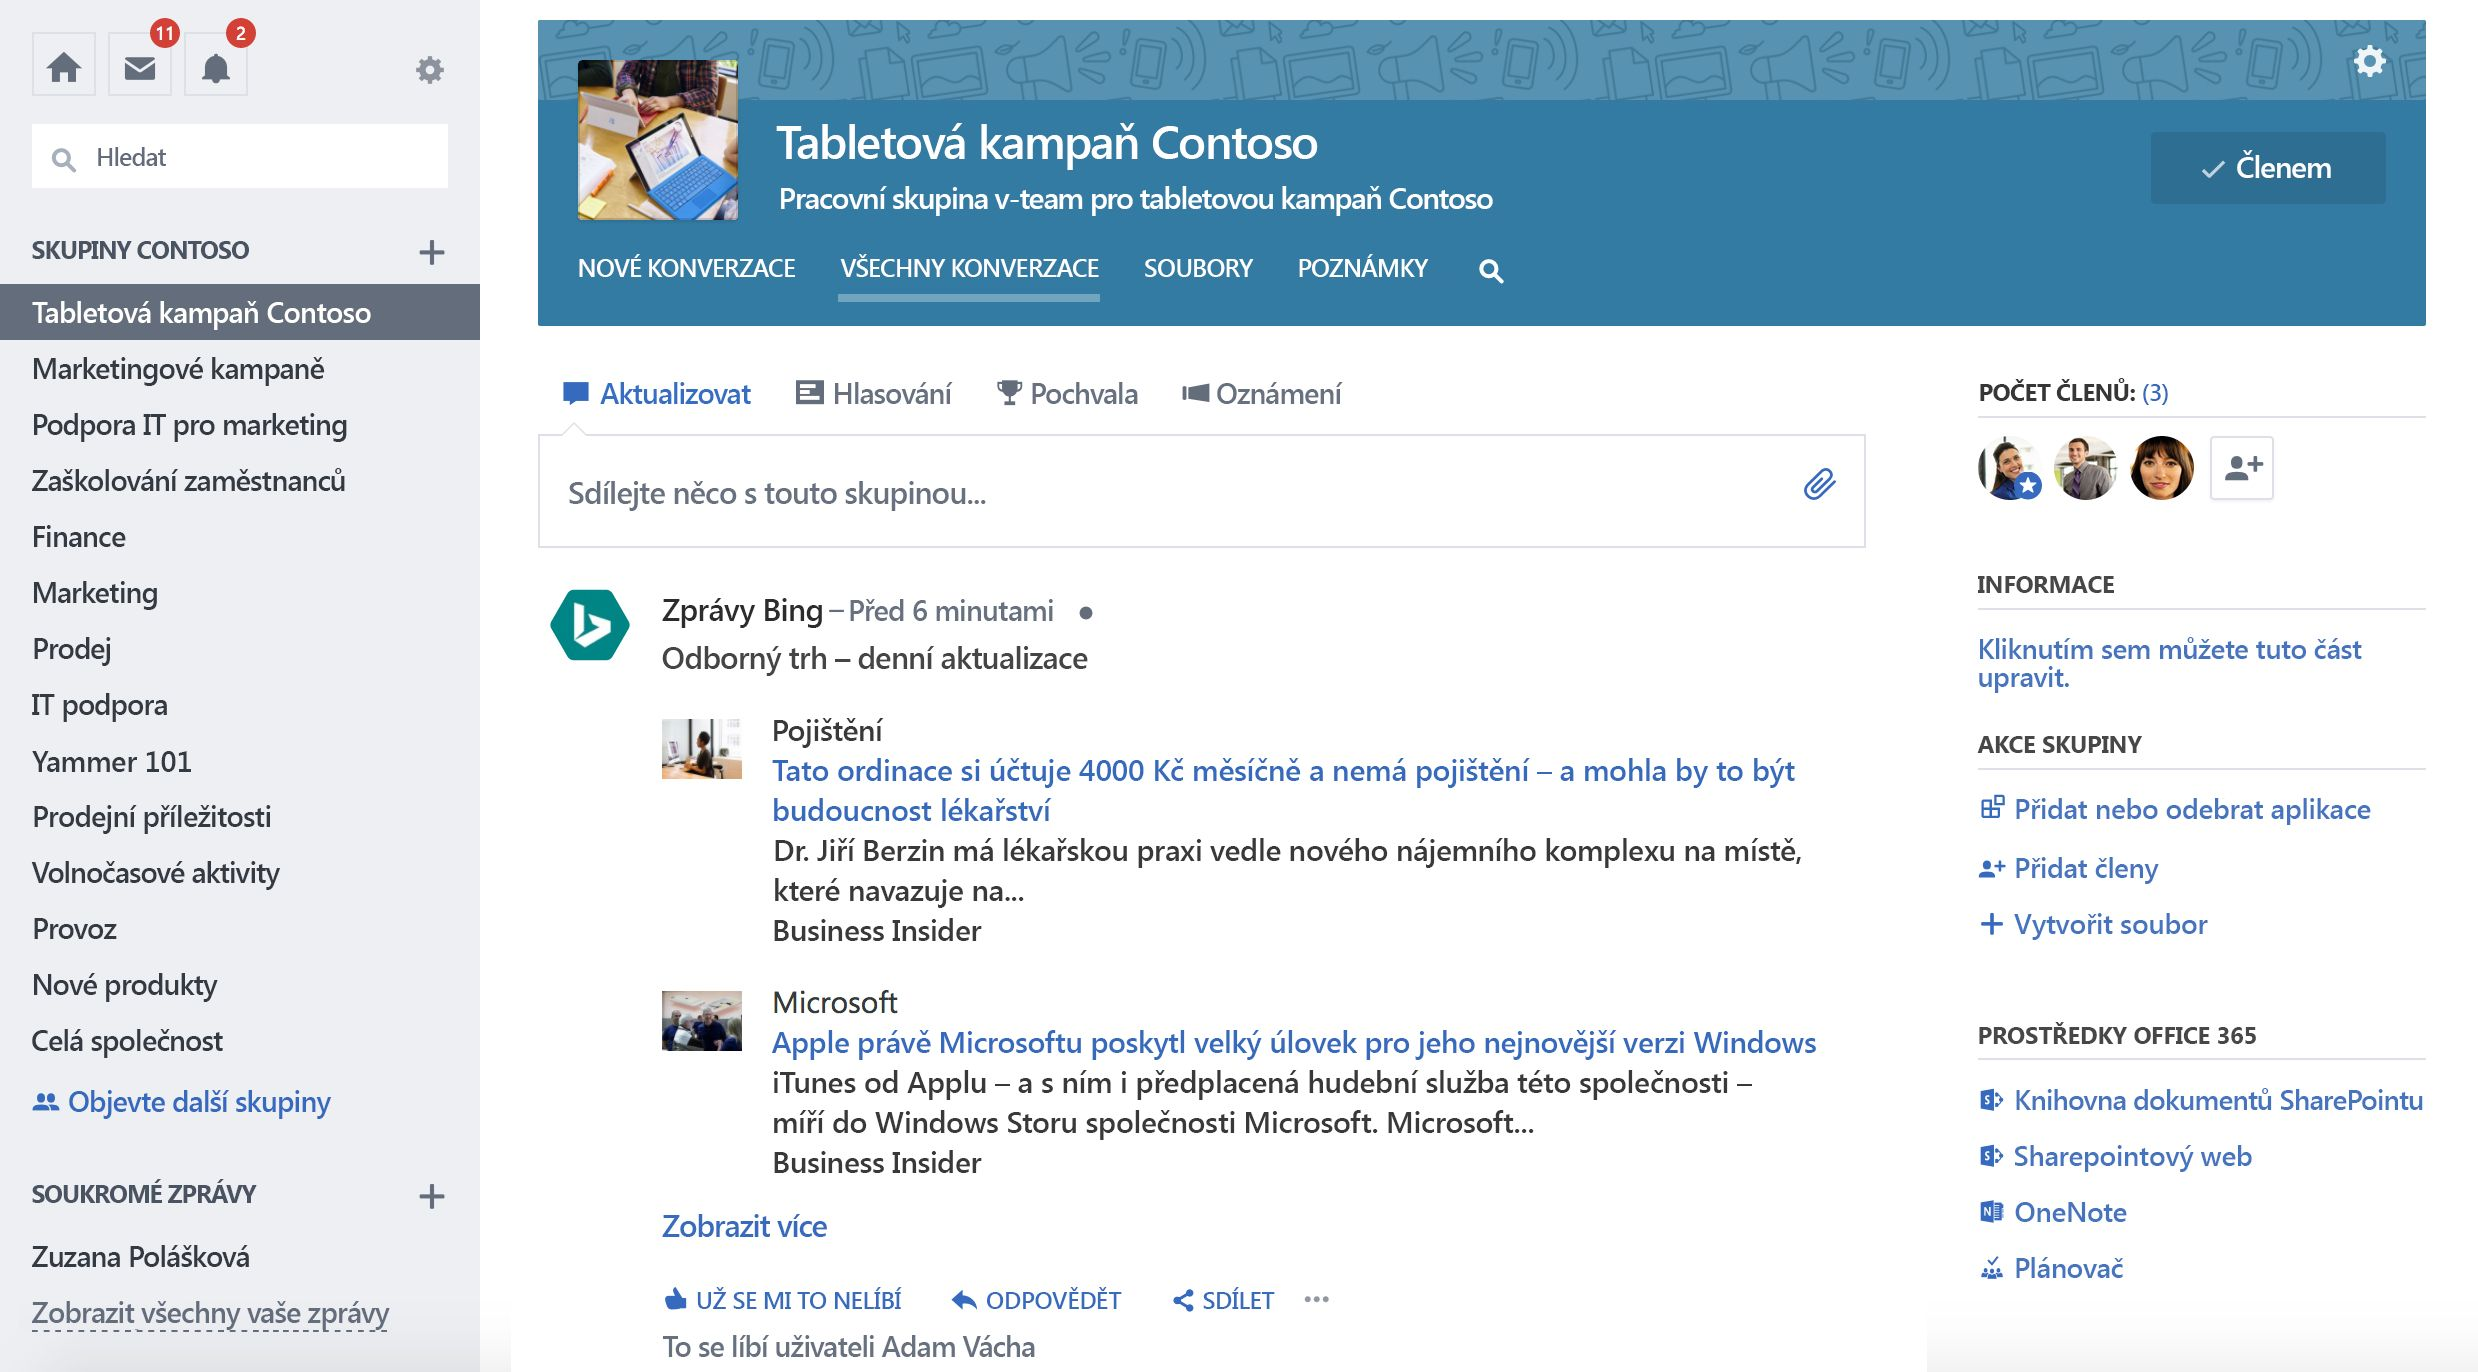 Snímek obrazovky aktualizace skupiny služby třetích stran